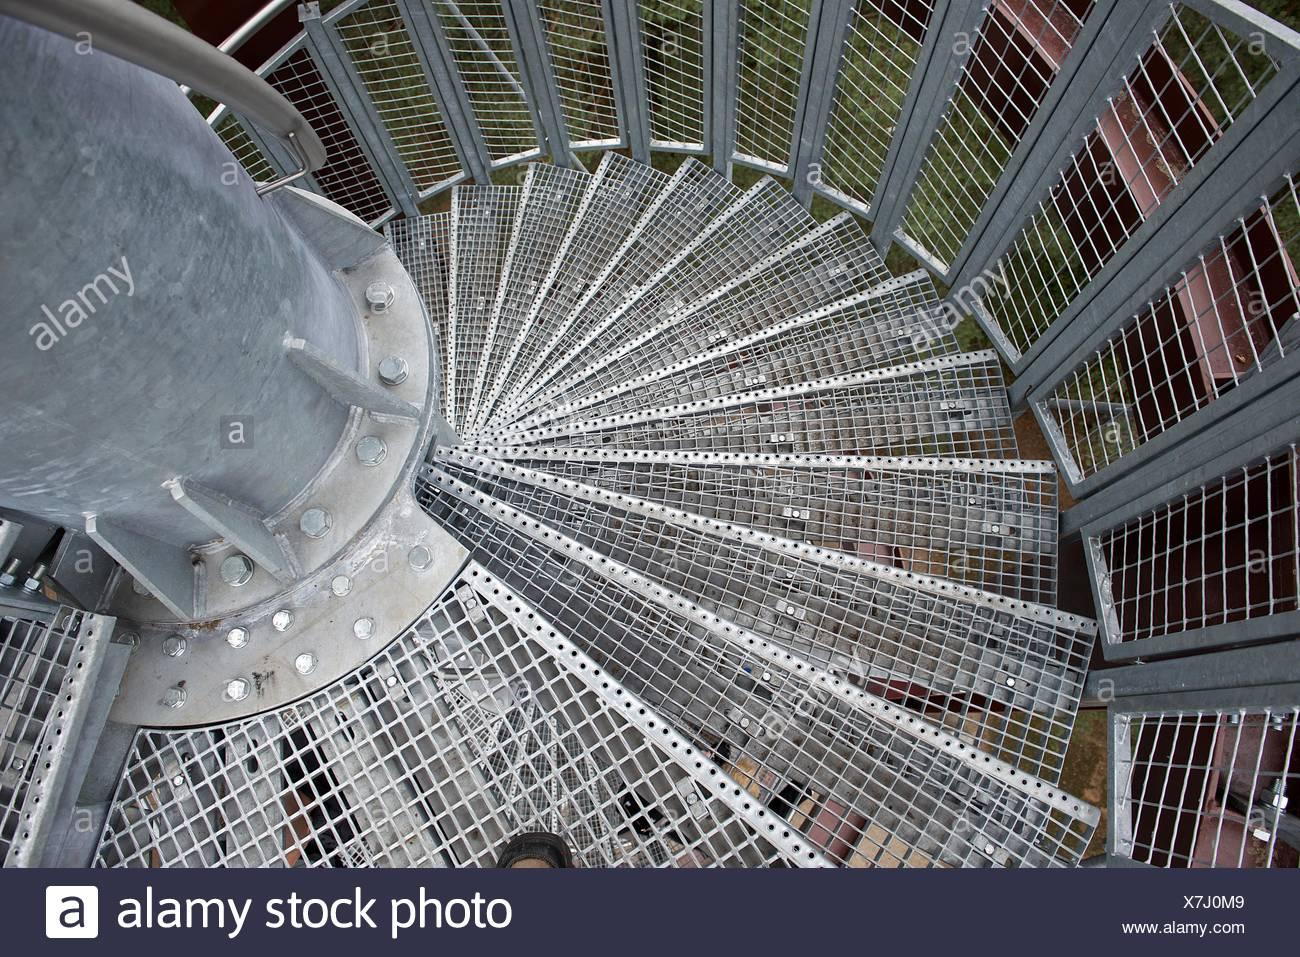 Persönlichen Perspektive einer Metallspirale Treppe Stockbild